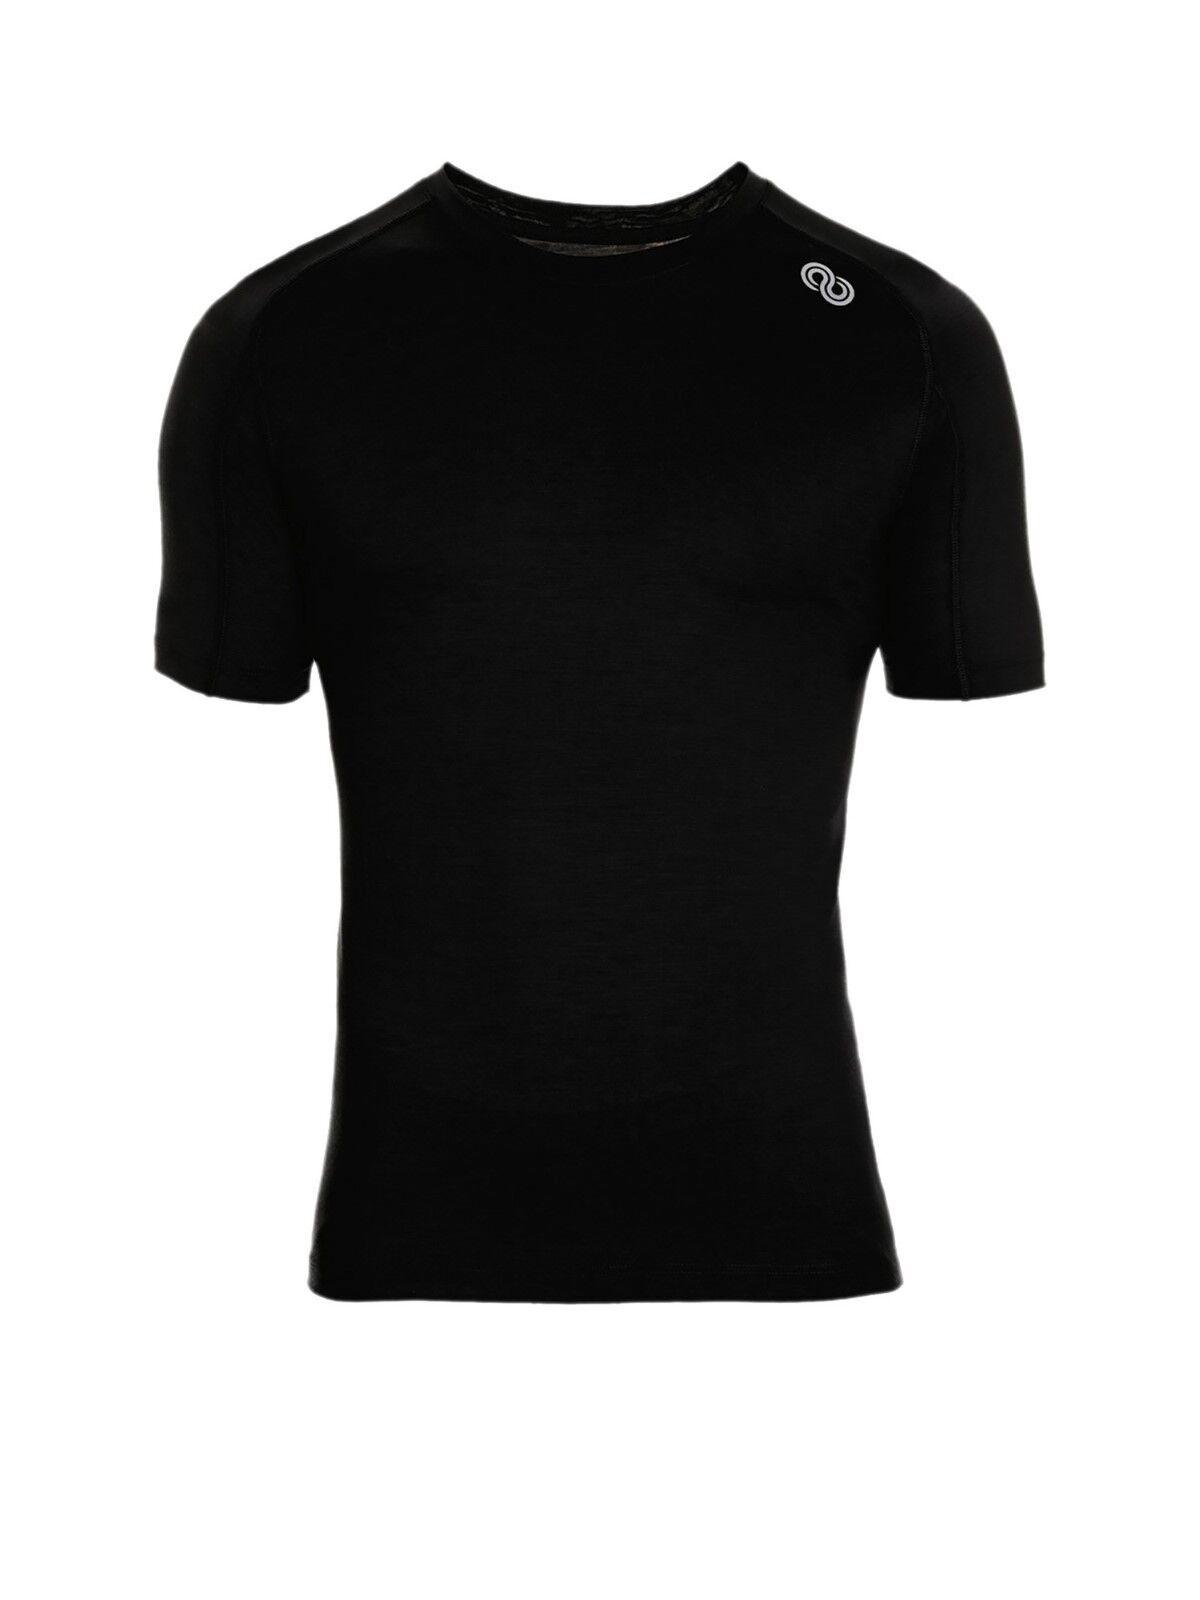 rotA Rewoolution Hero - Mens T-Shirt SS 140 Unterwäsche schwarz Merinowolle